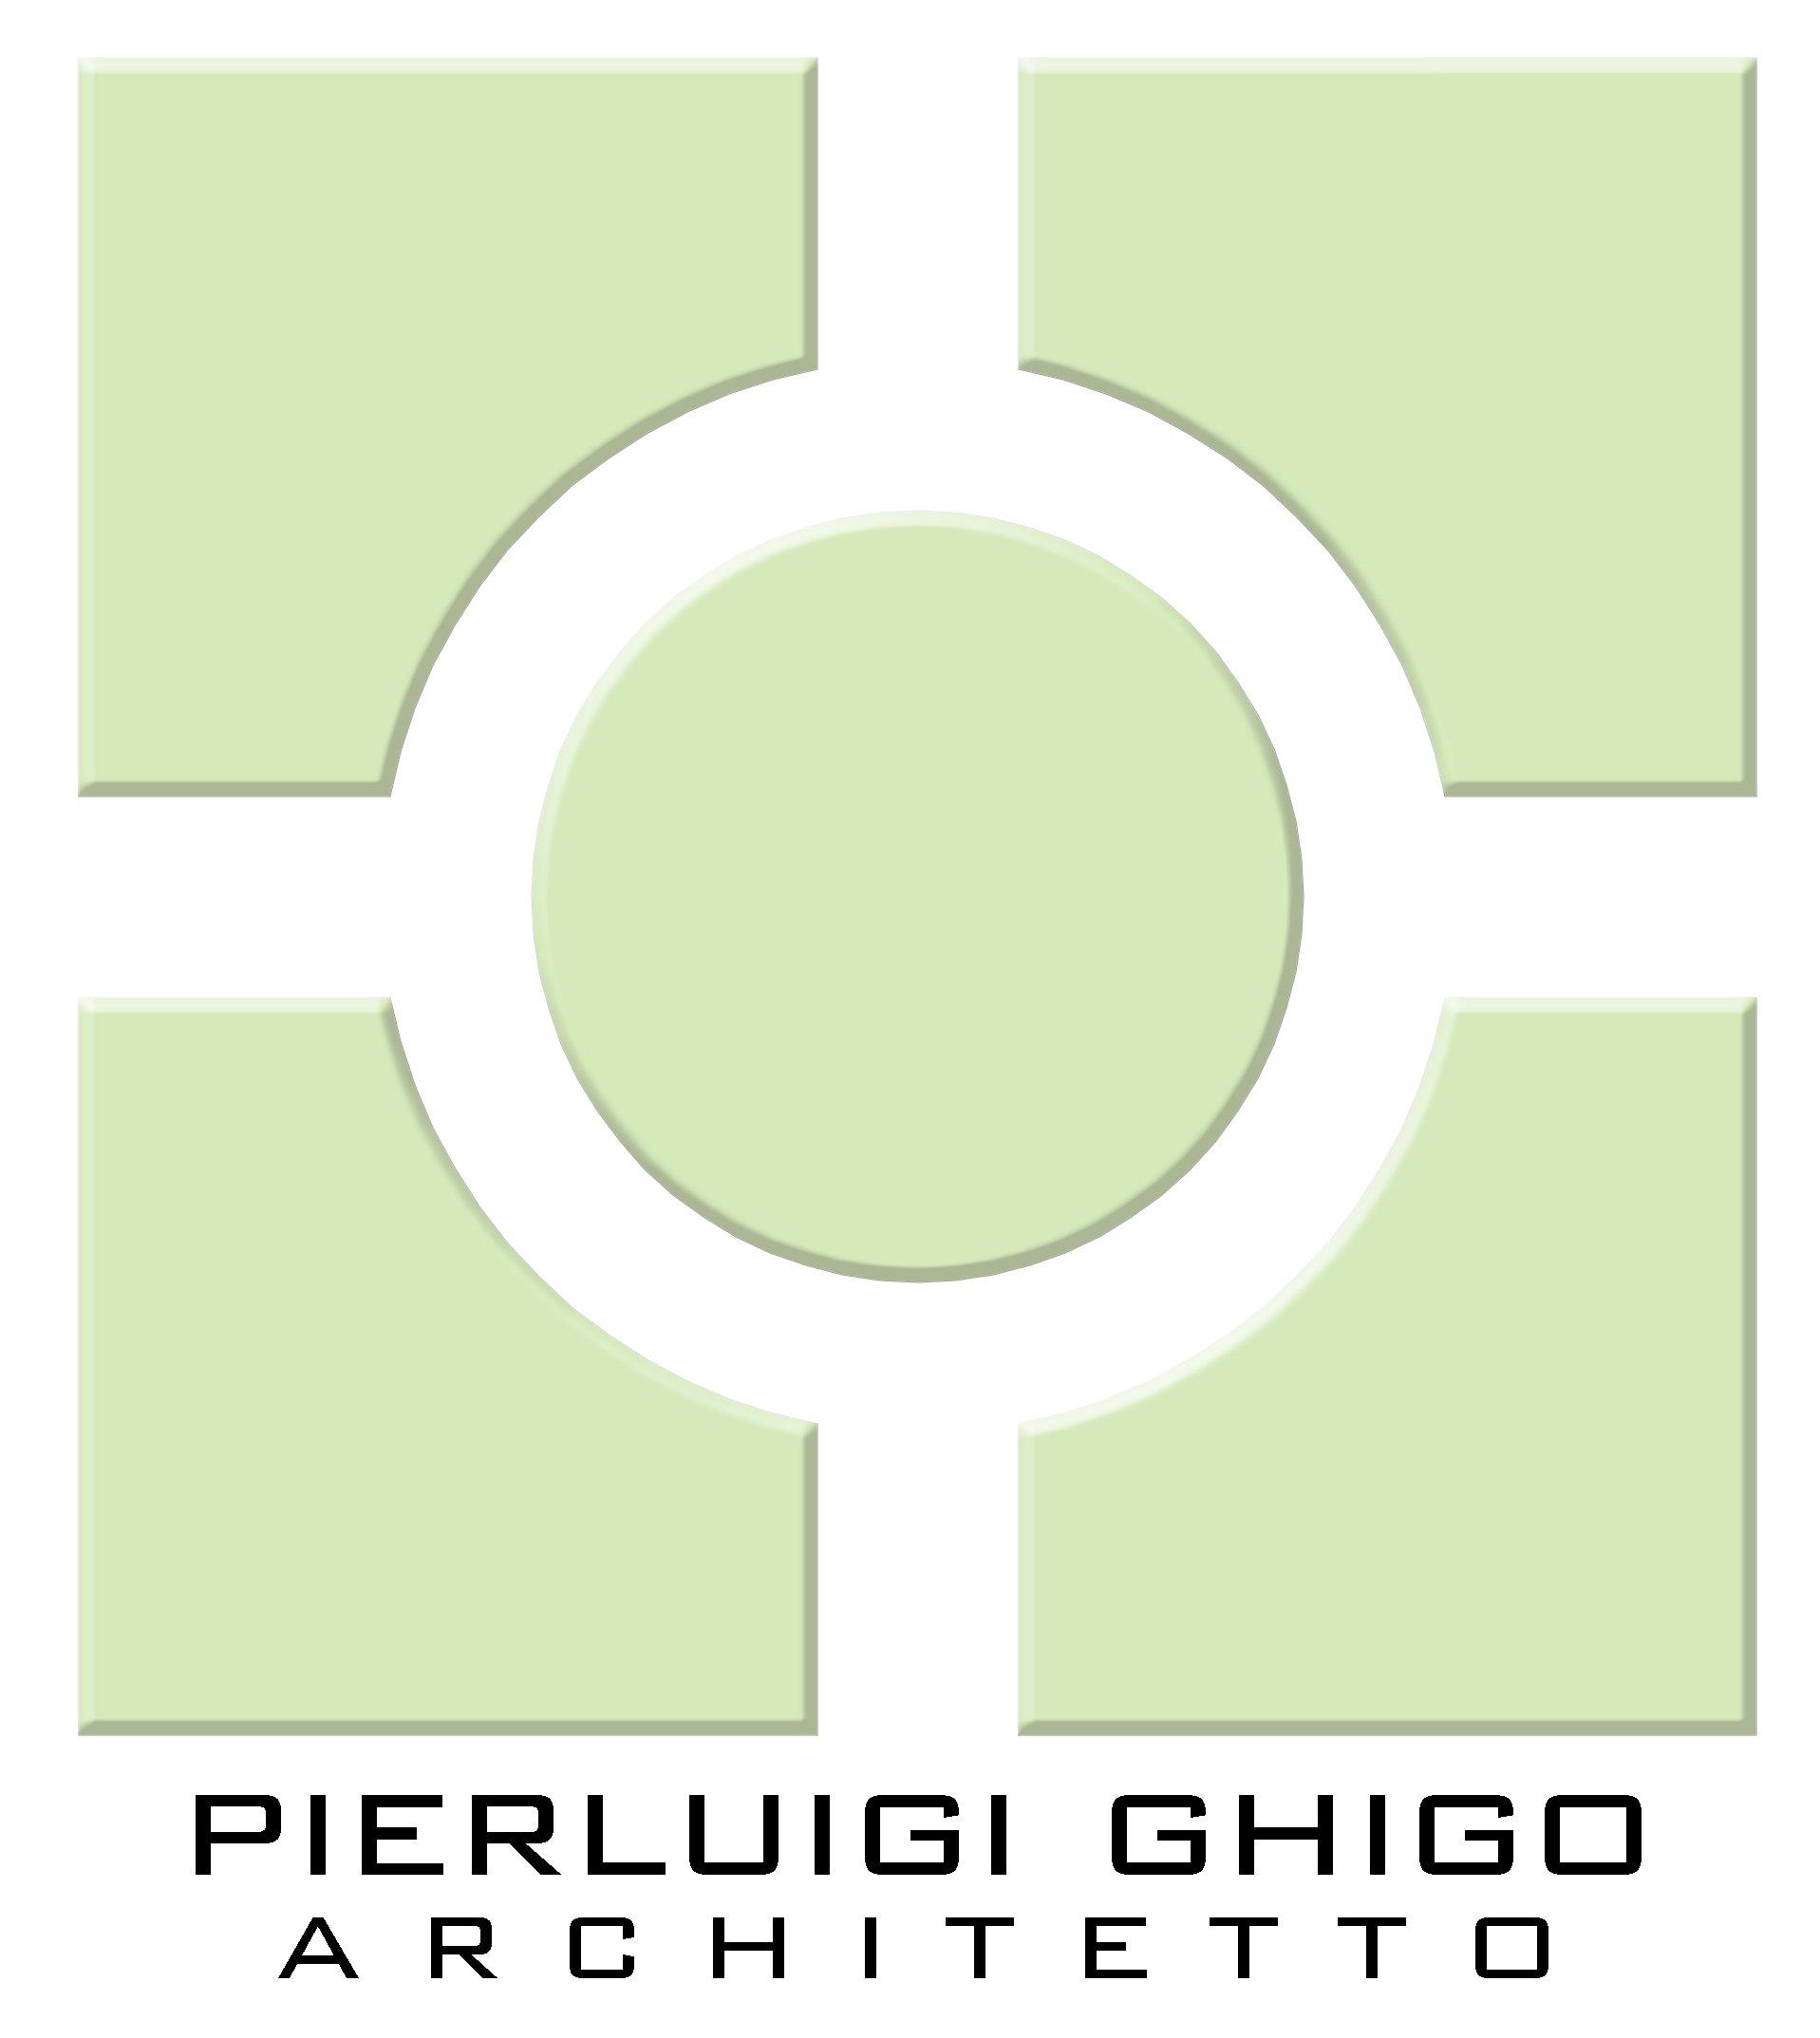 GHIGO ARCH. PIER LUIGI - LOGO